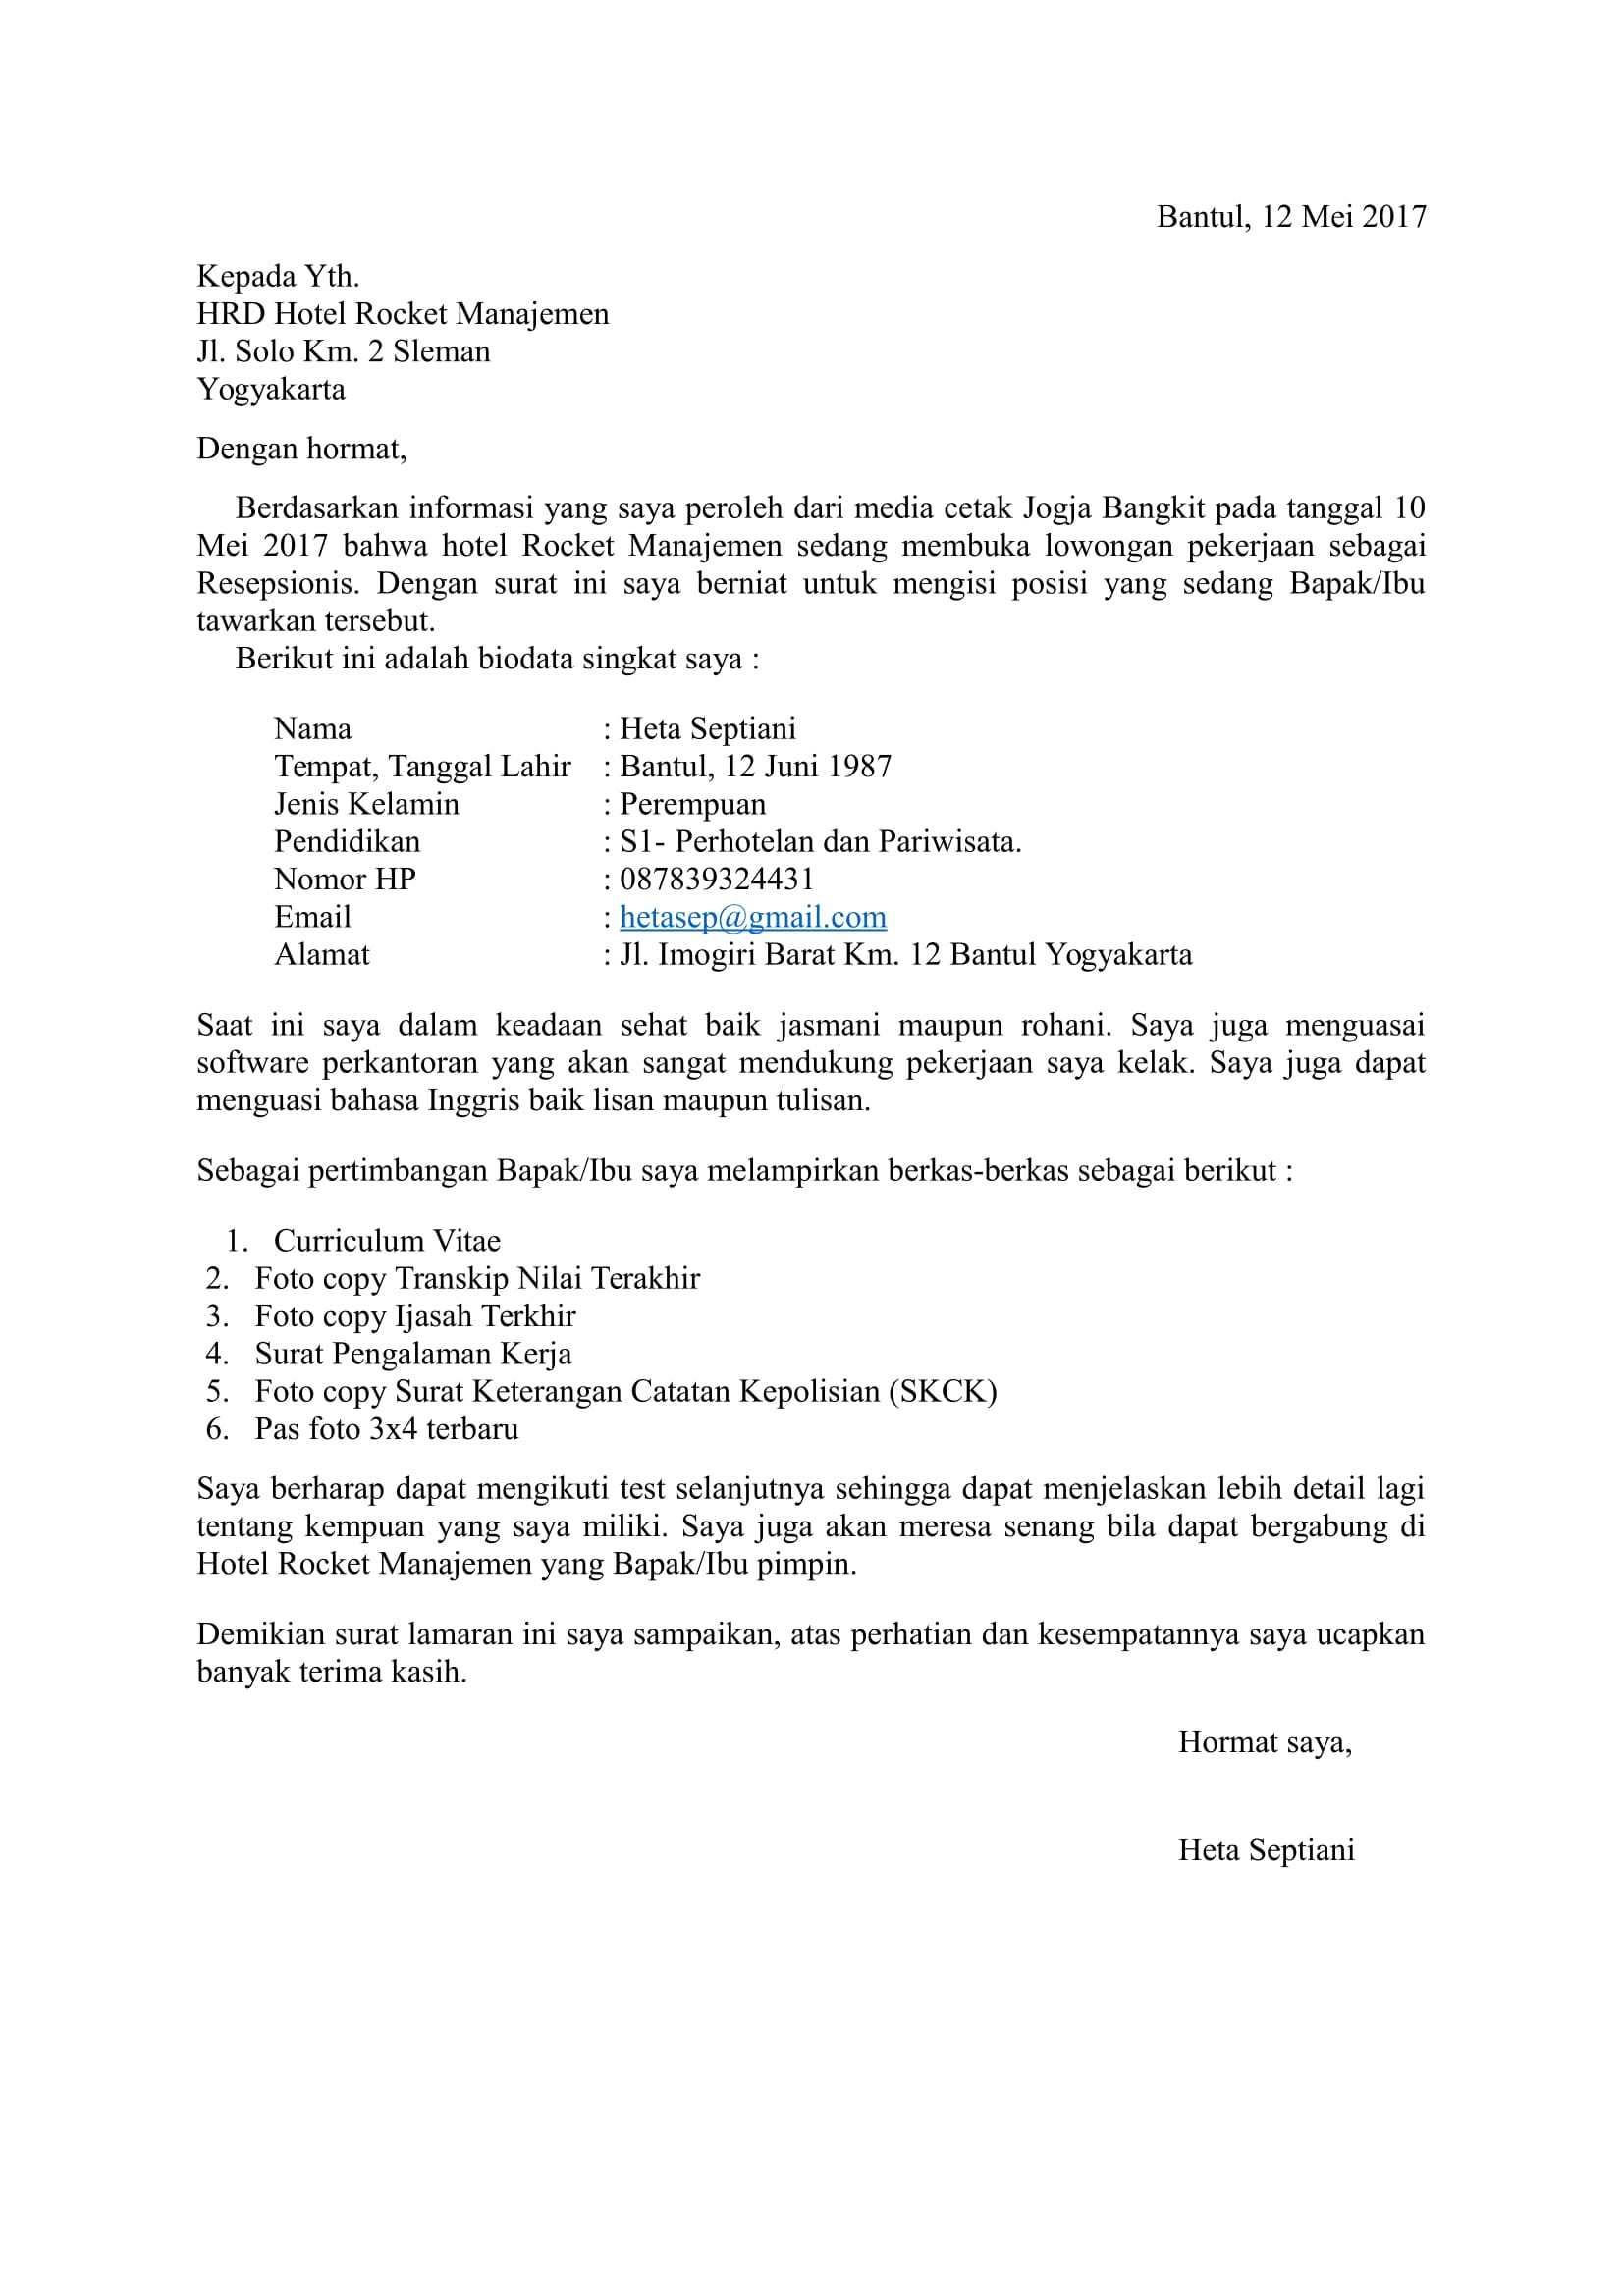 Contoh Surat Lamaran Kerja Yang Baik Dan Benar Terlengkap